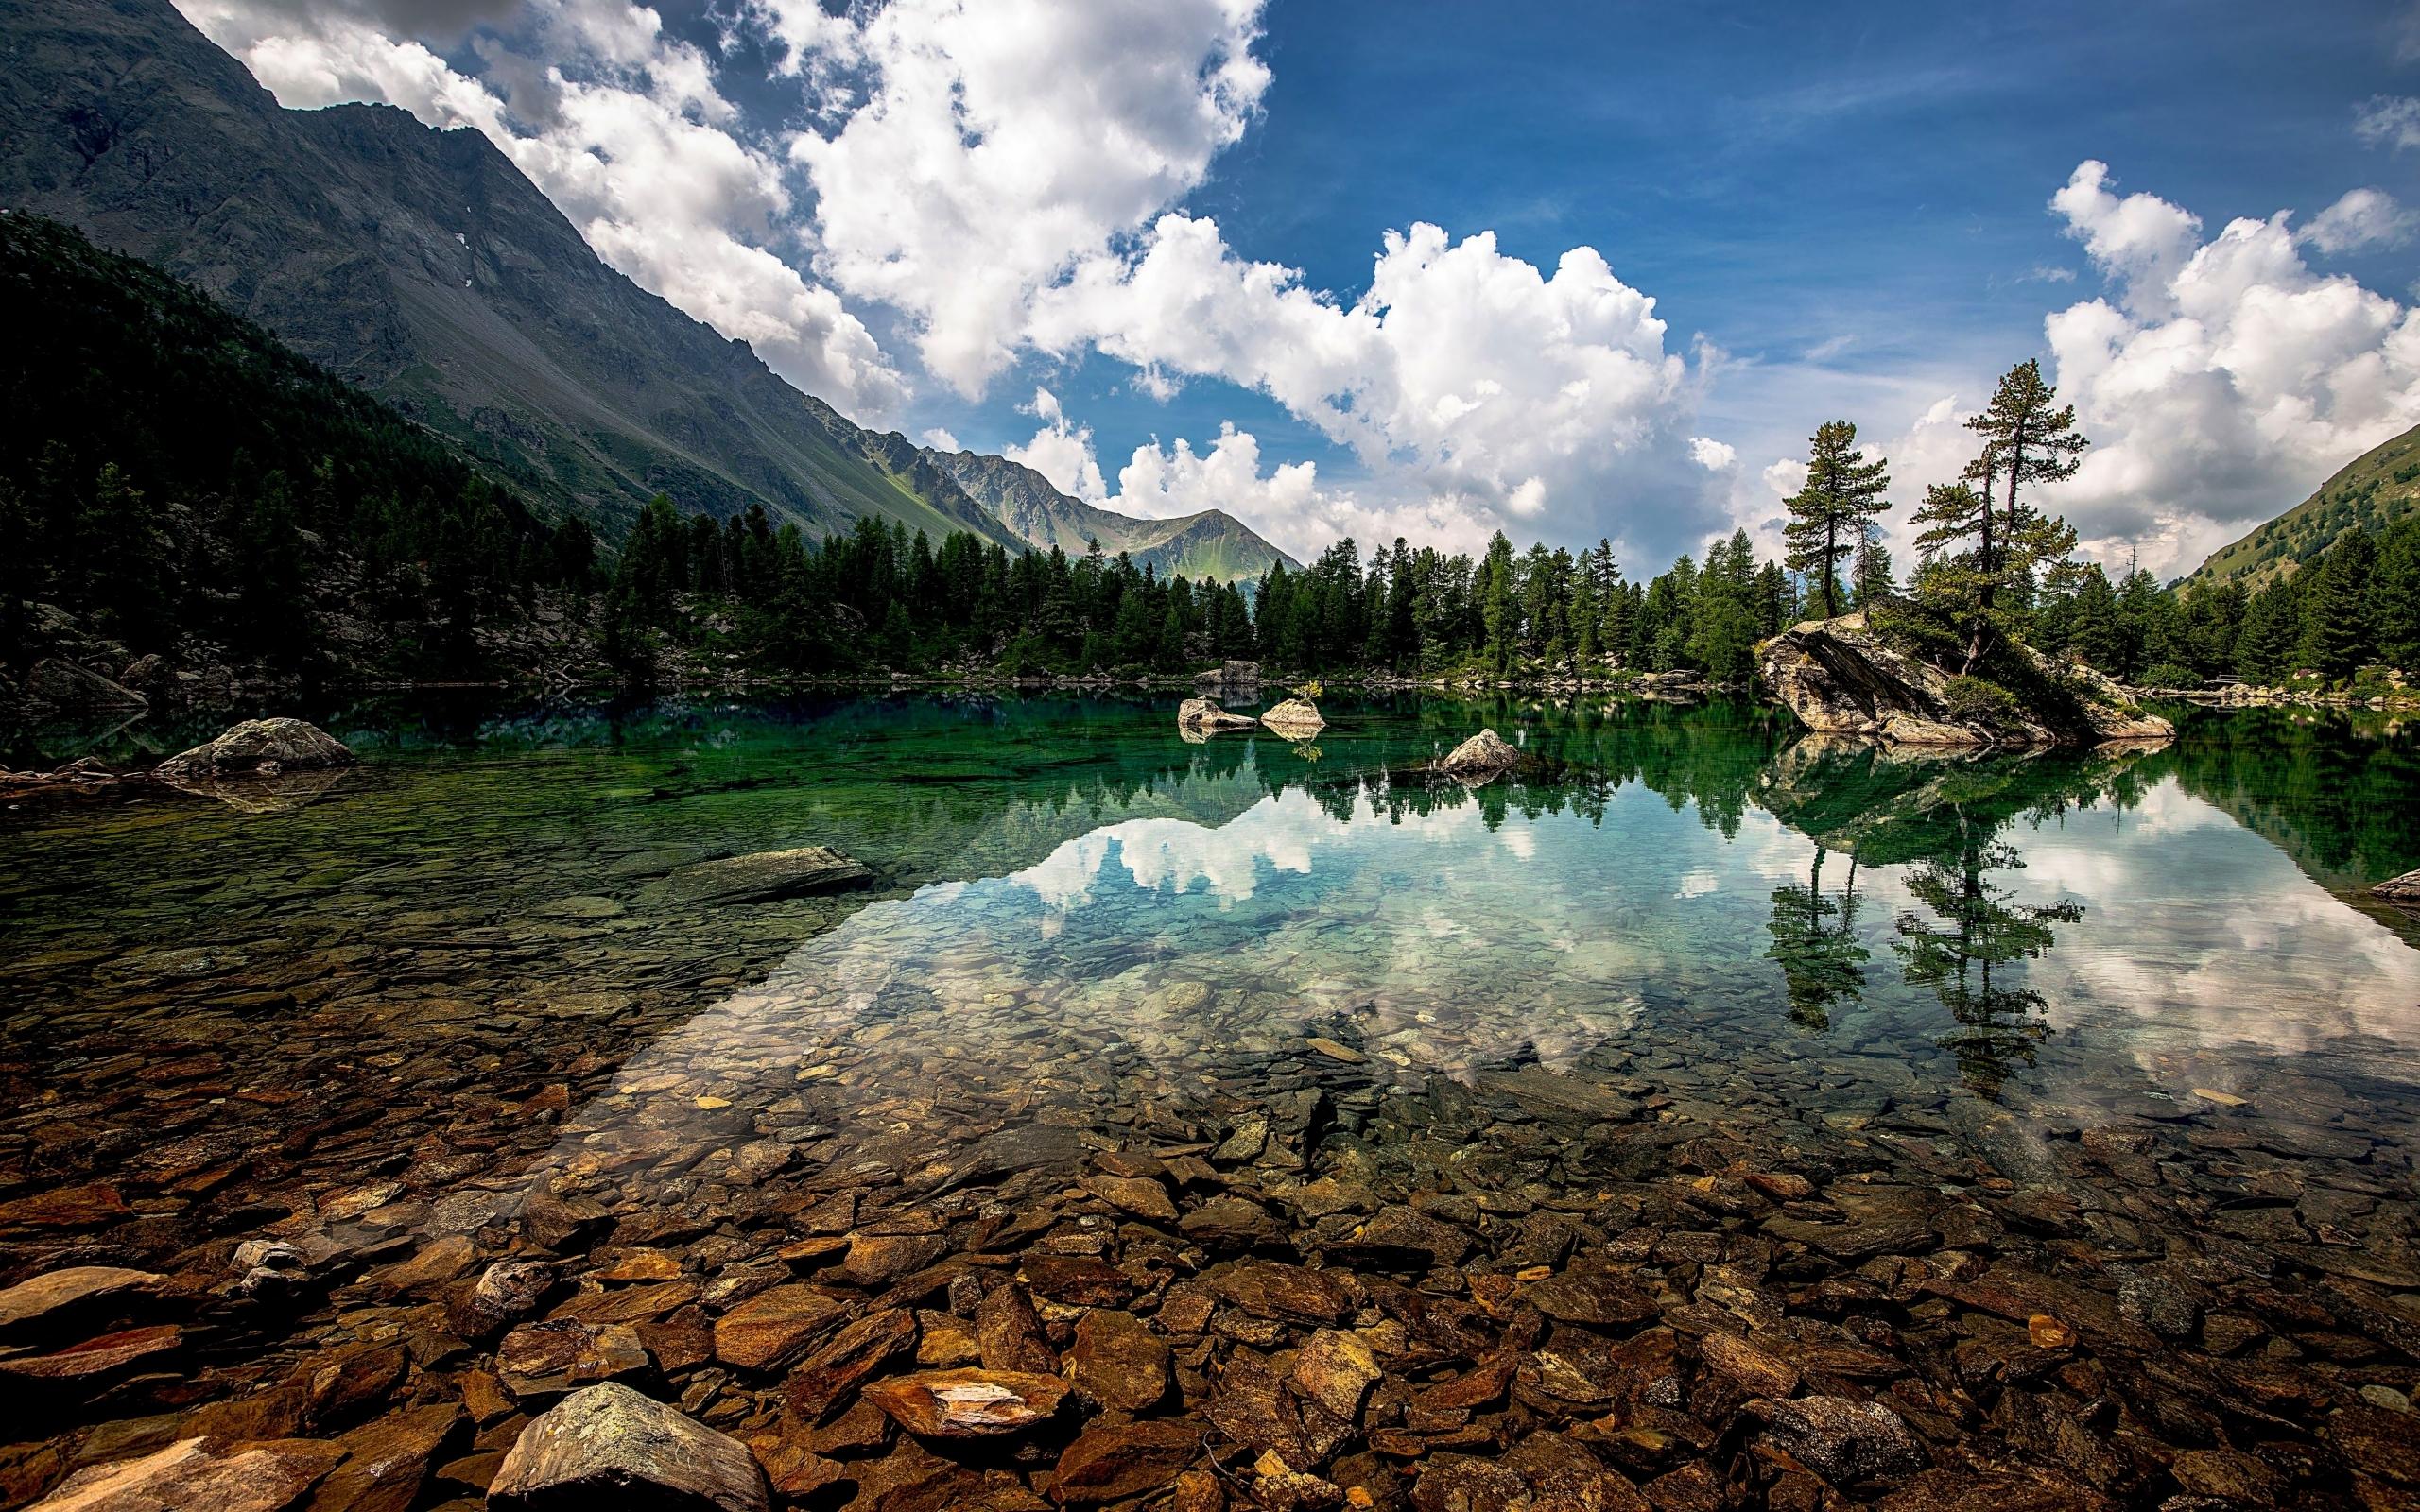 47642 Заставки и Обои Озера на телефон. Скачать Озера, Пейзаж, Природа, Горы картинки бесплатно